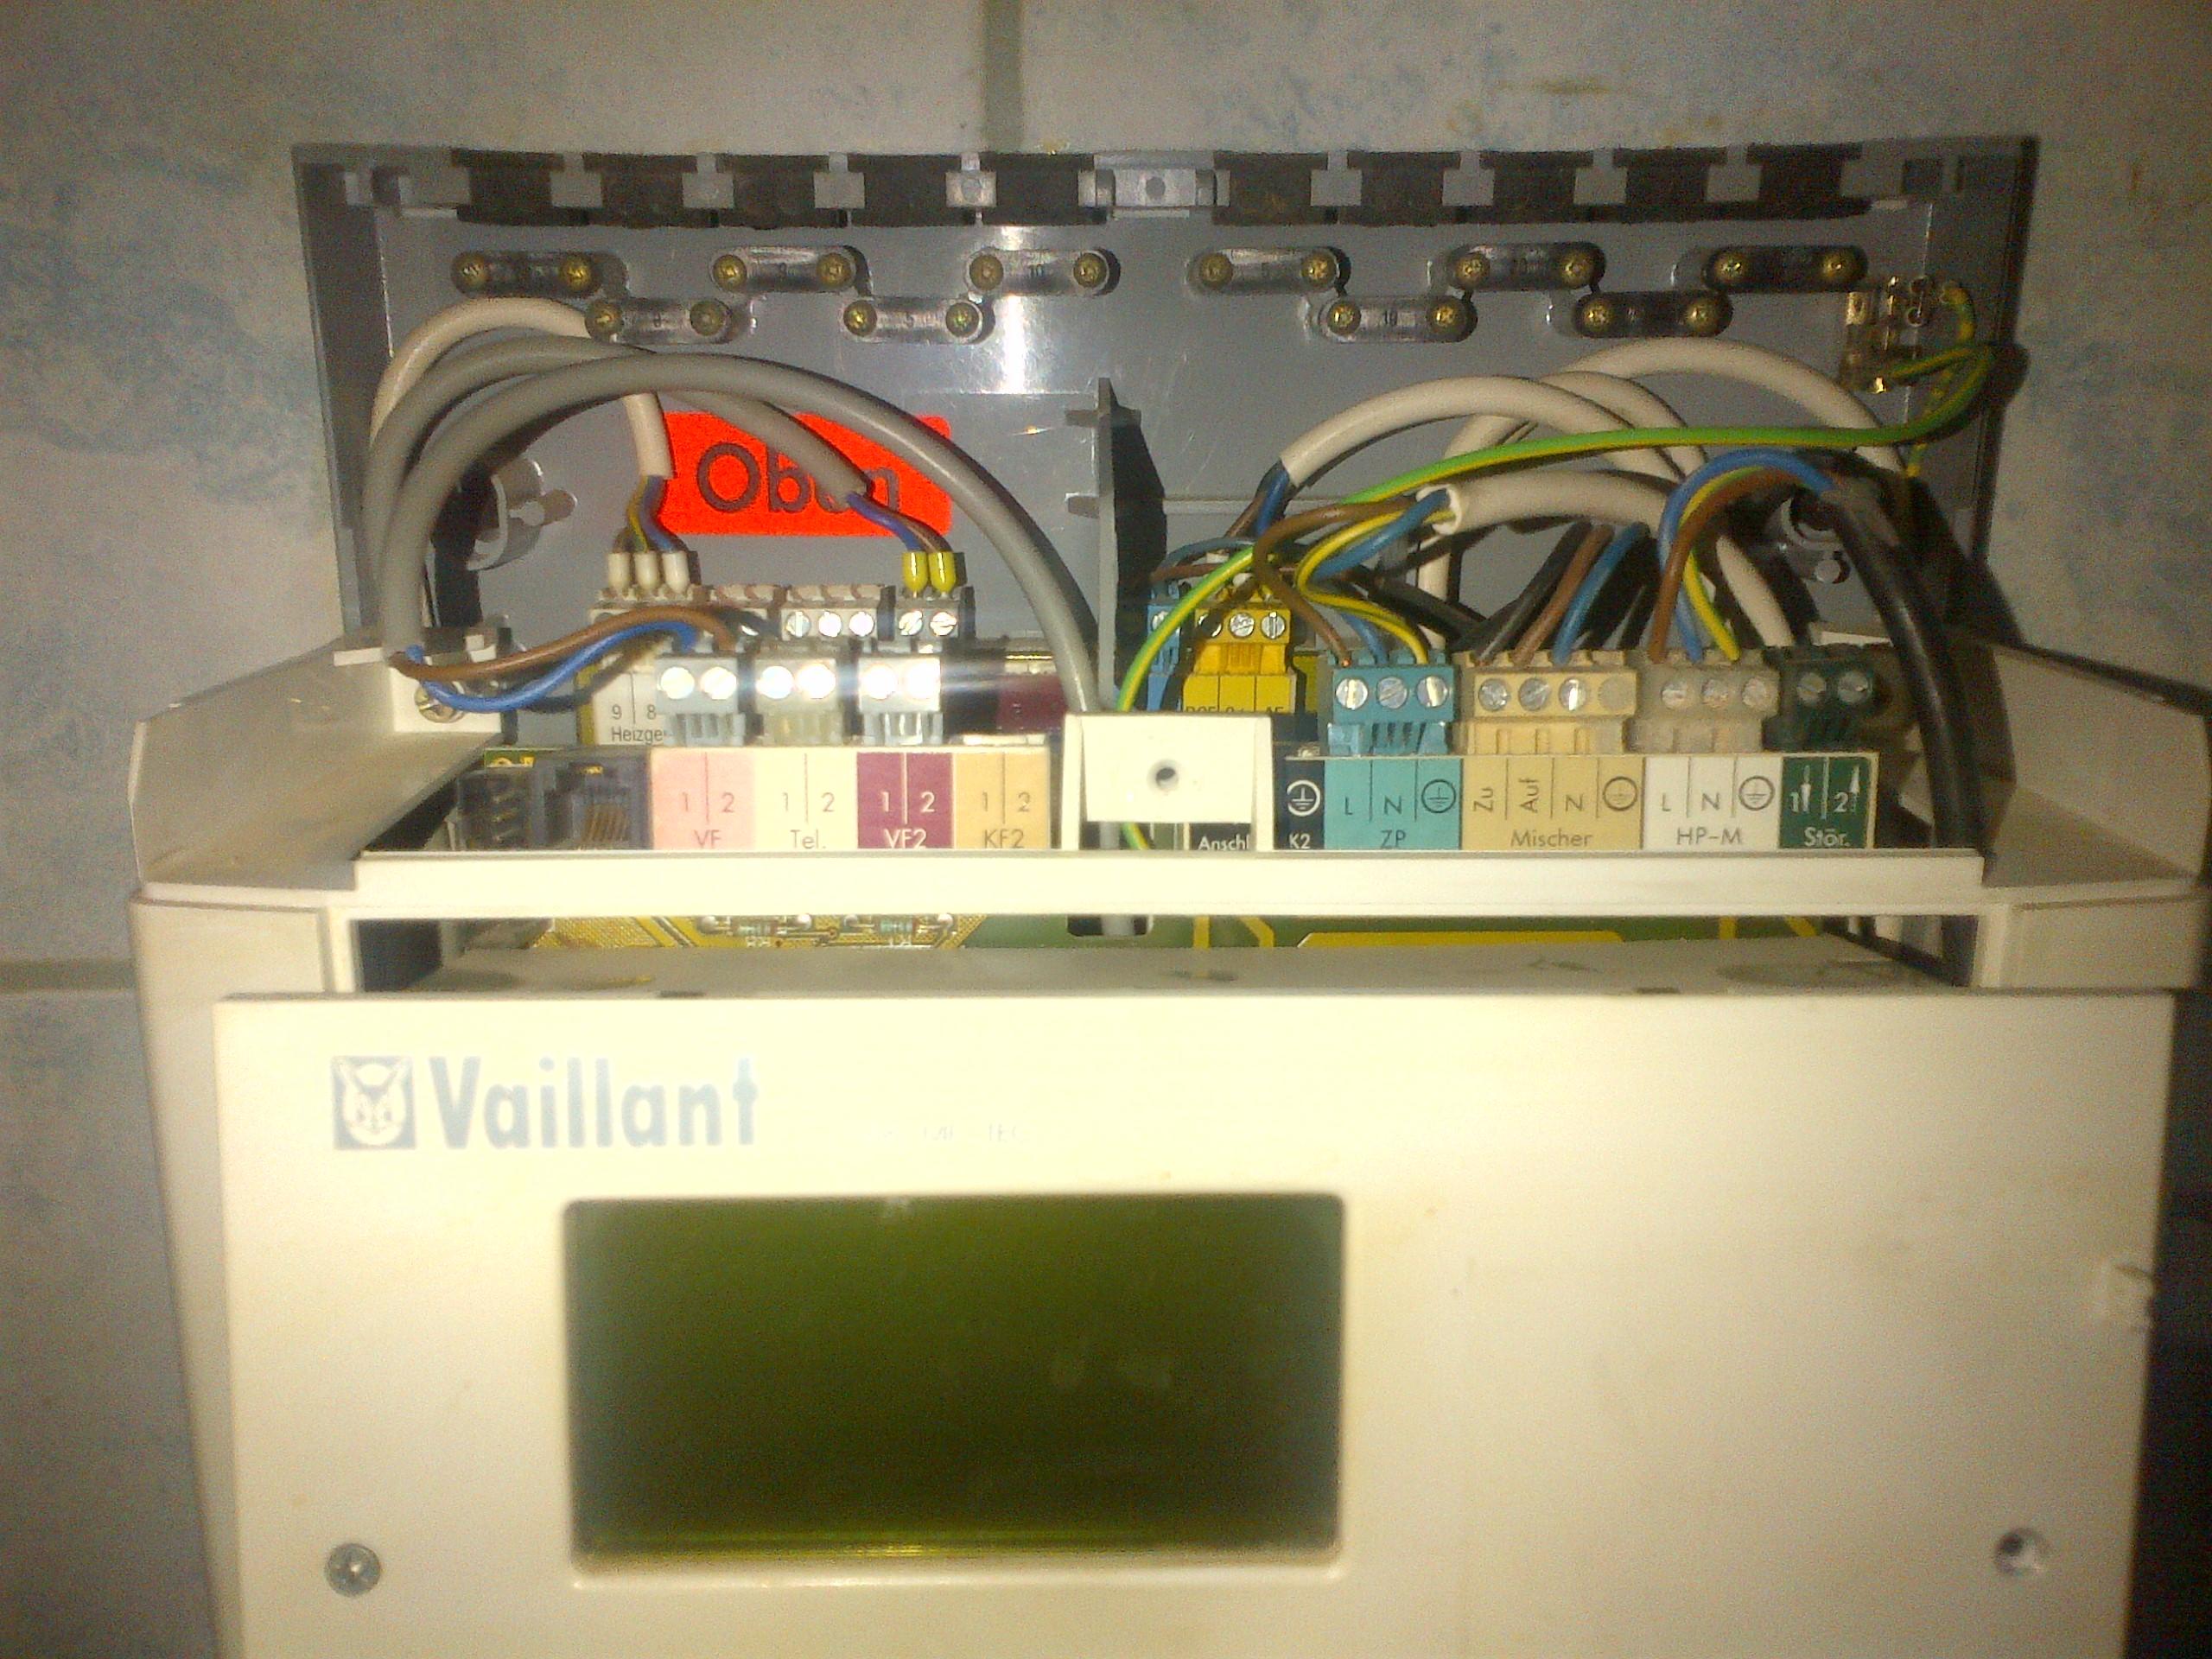 Vaillant VRC MF-TEC  - Vaillant VRC MF-TEC zegar nie odmierza czasu